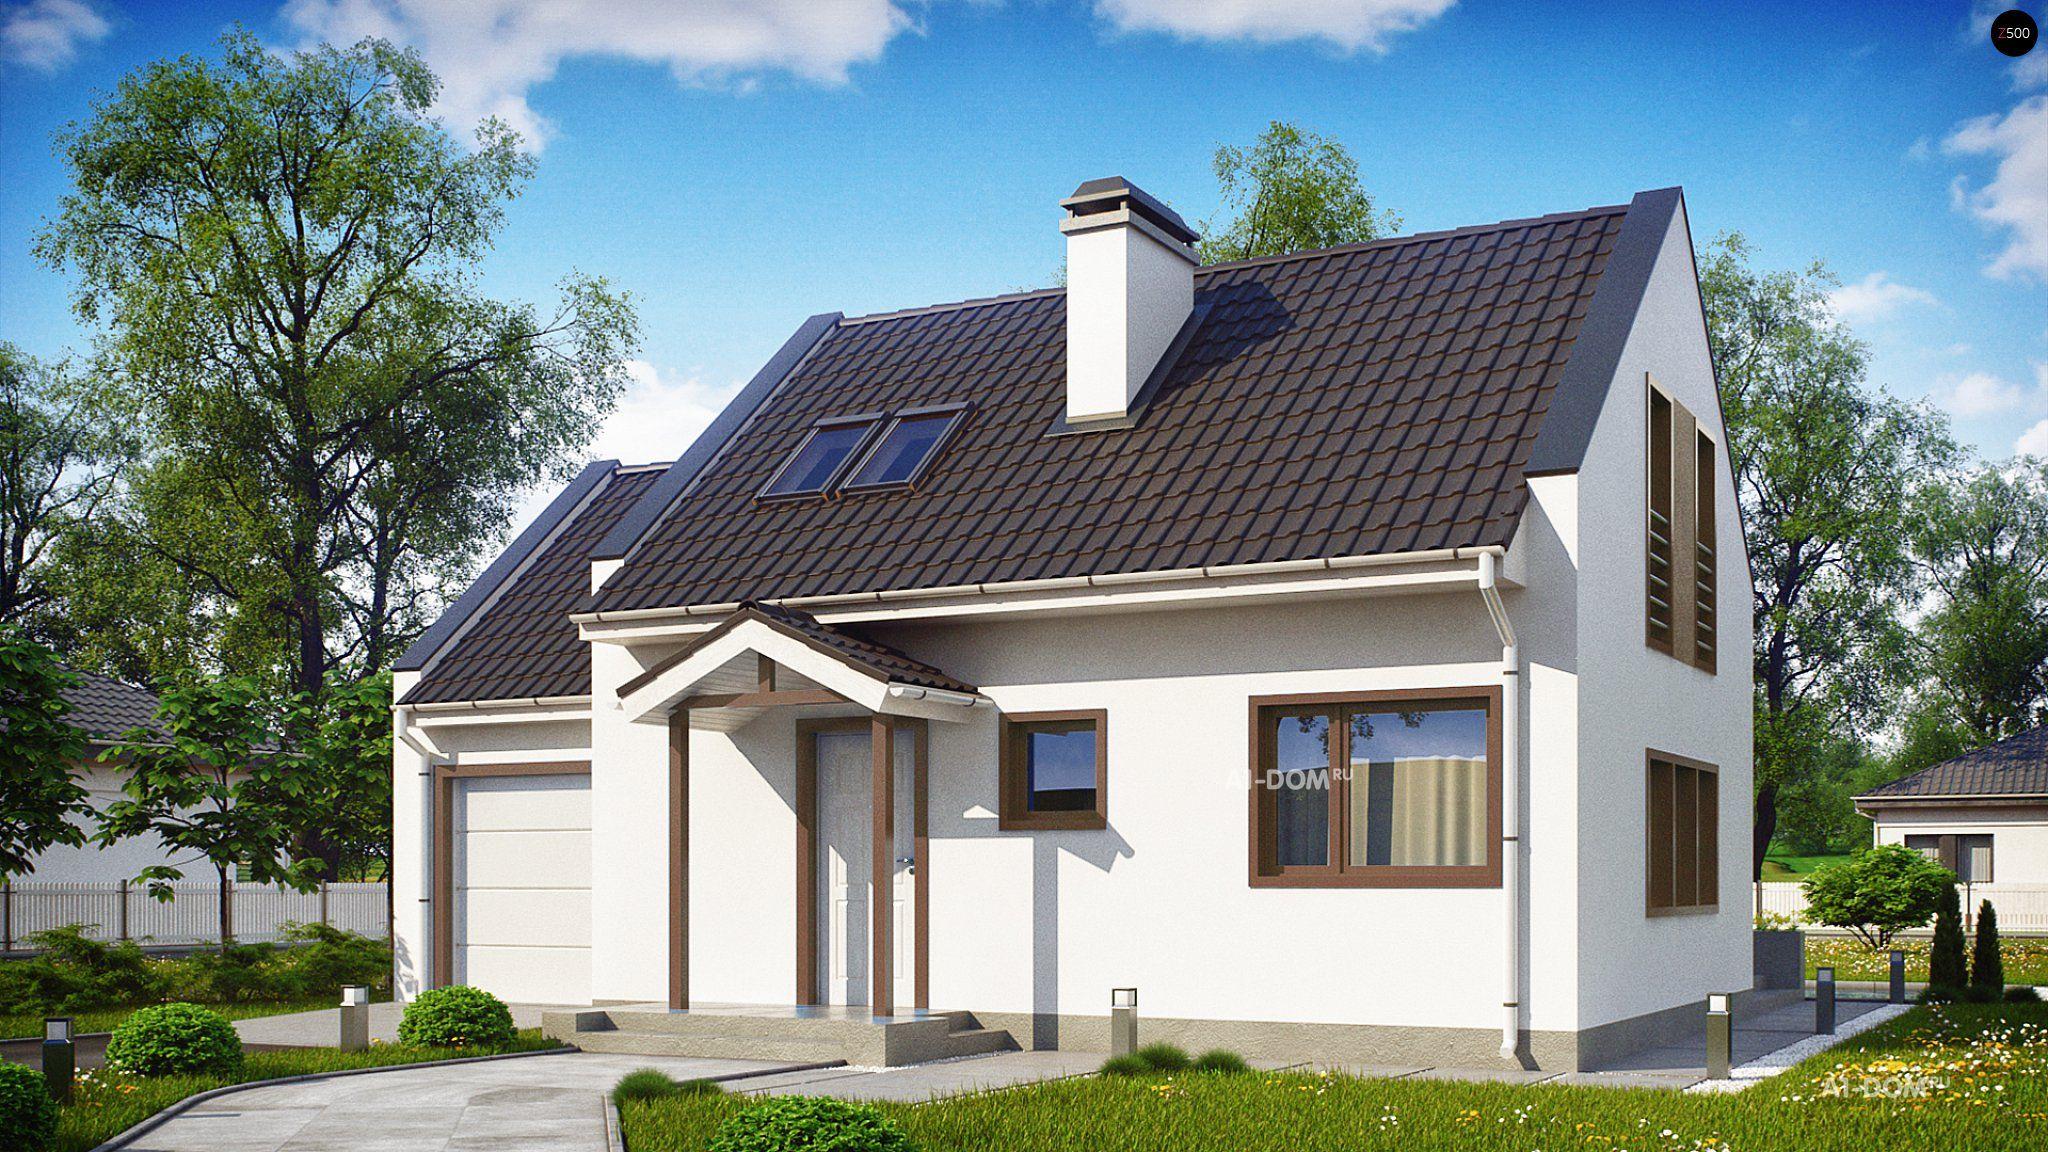 Z217 Of Menu Scandinavian Home Designs - Plesiran-jogja.com